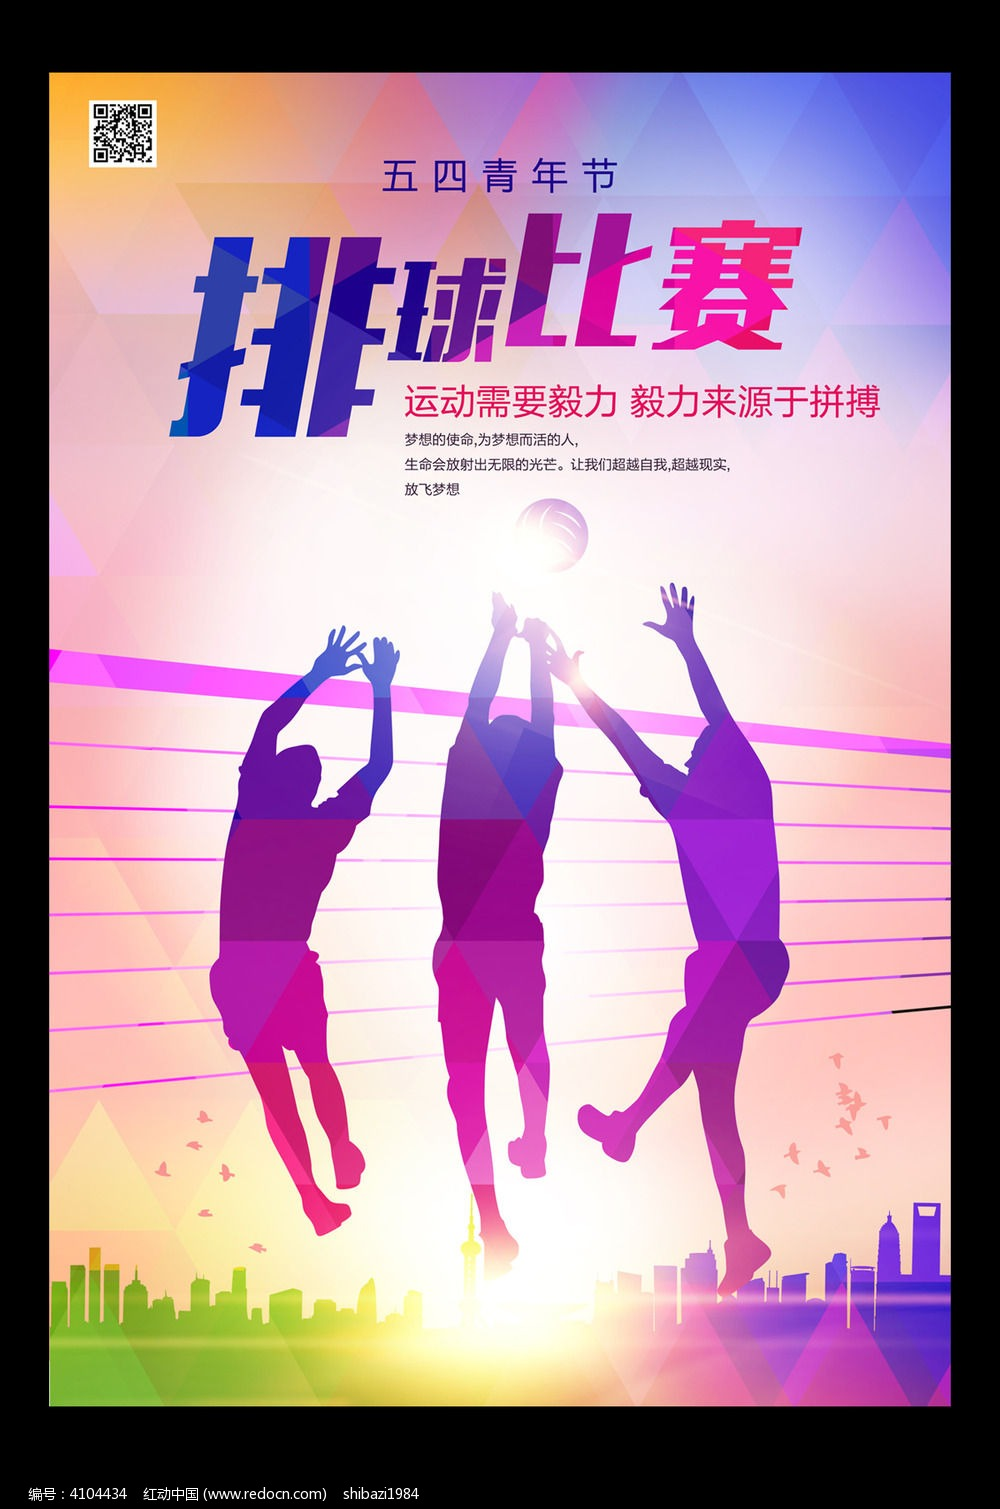 标签: 五四青年节 五四运动 排球赛海报 排球比赛 排球员运